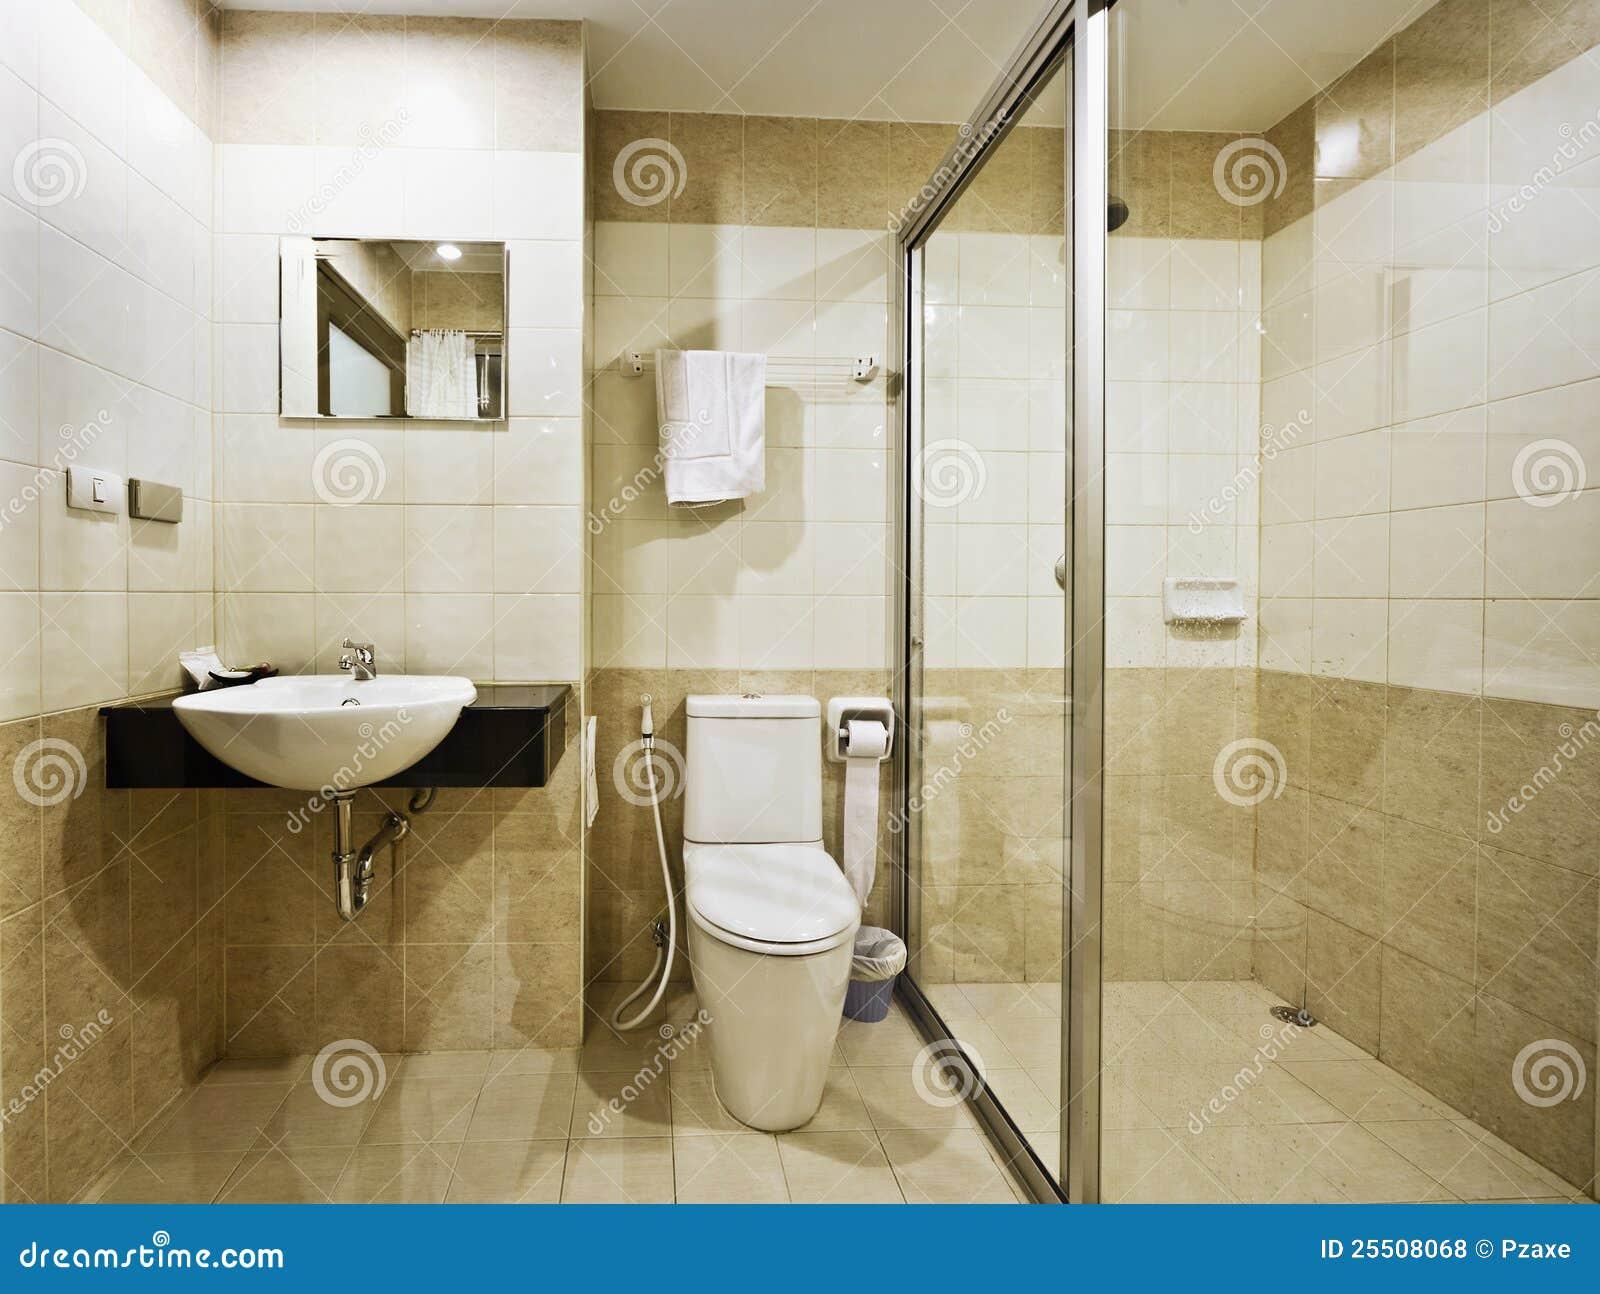 Cuarto De Baño En Un Hotel Del Presupuesto Foto de archivo - Imagen ...